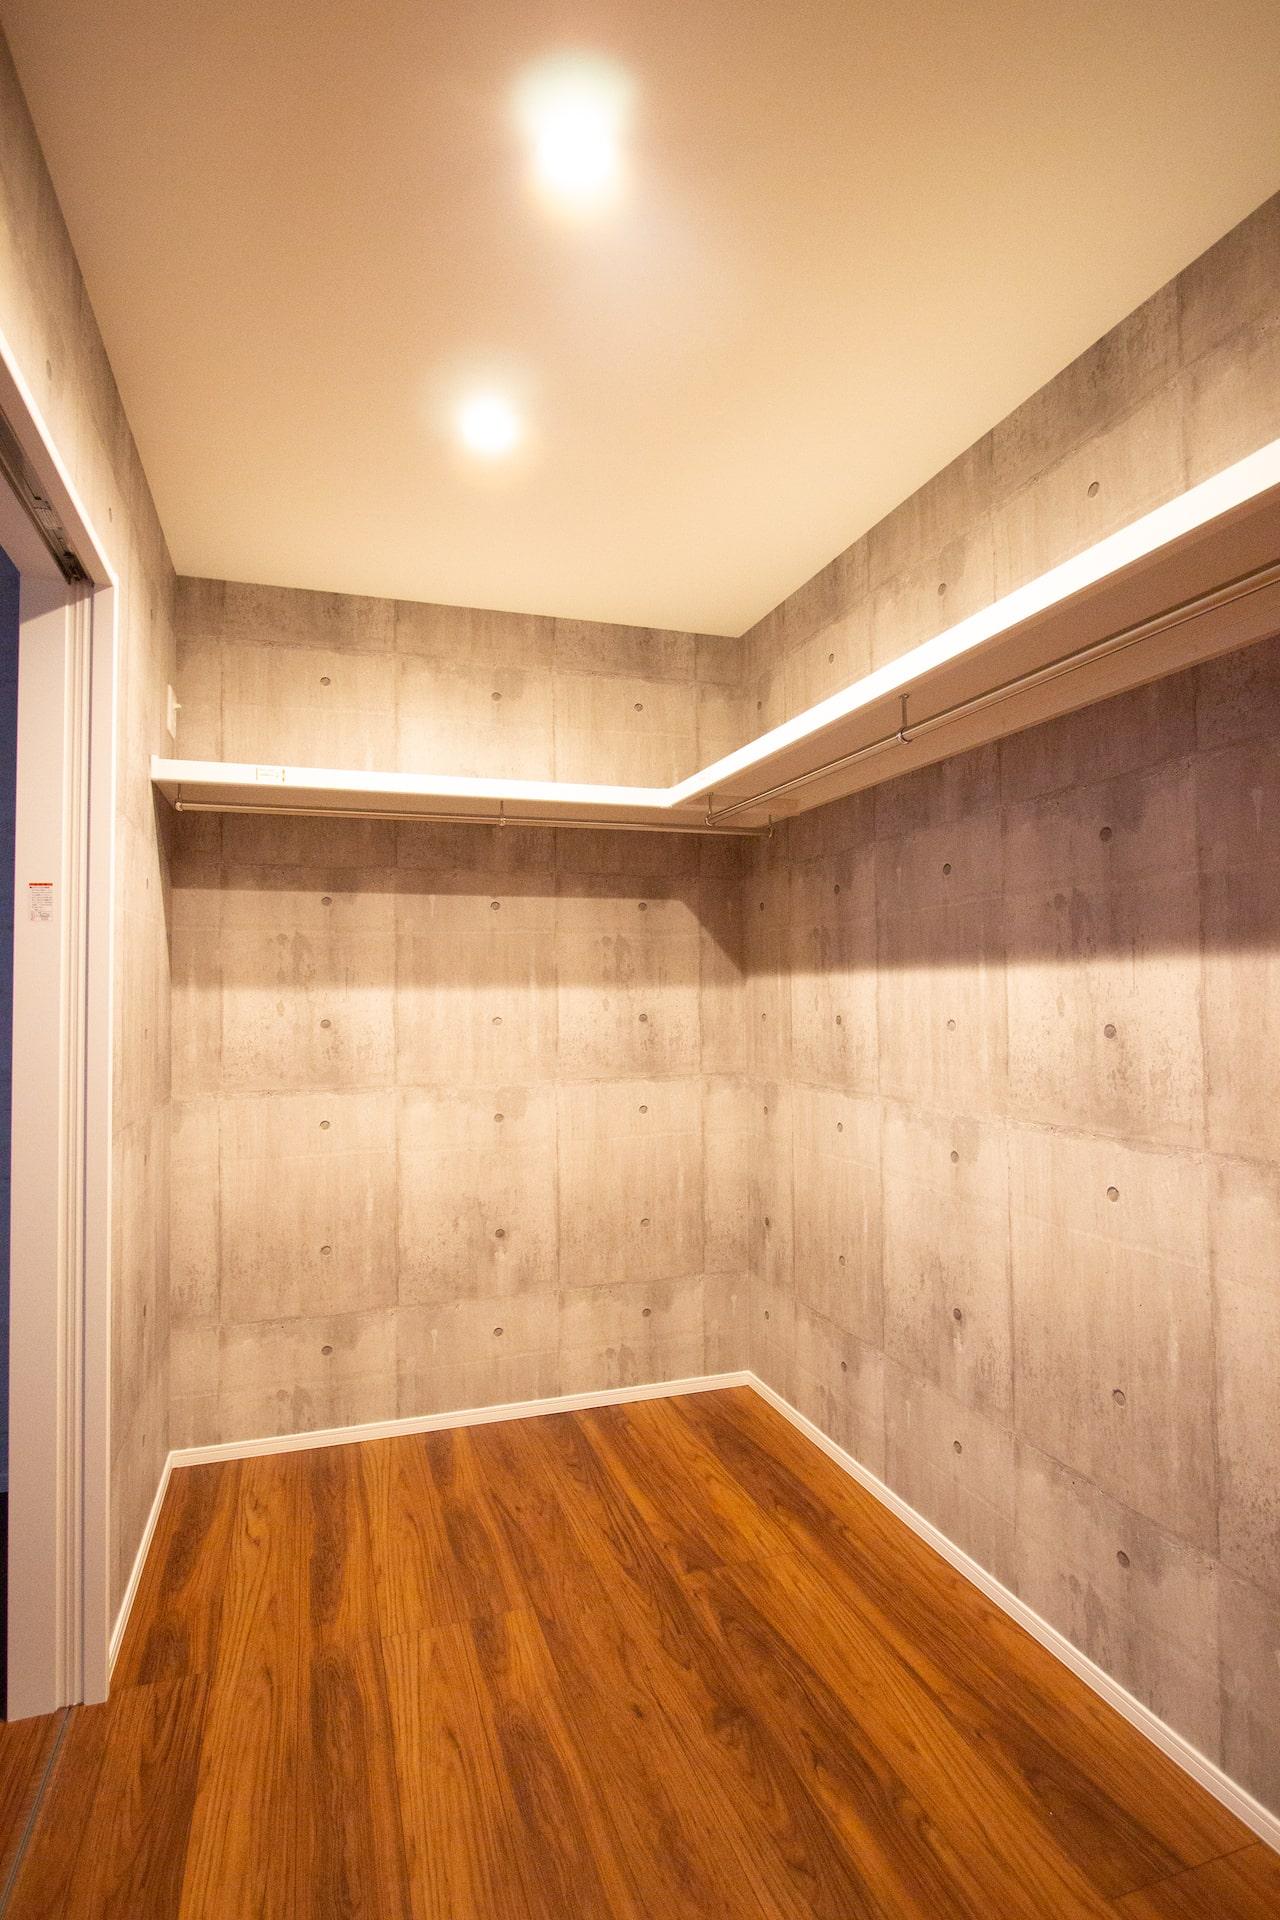 新築 豊中市 内観 階段 2F居室 ウォークインクローゼット